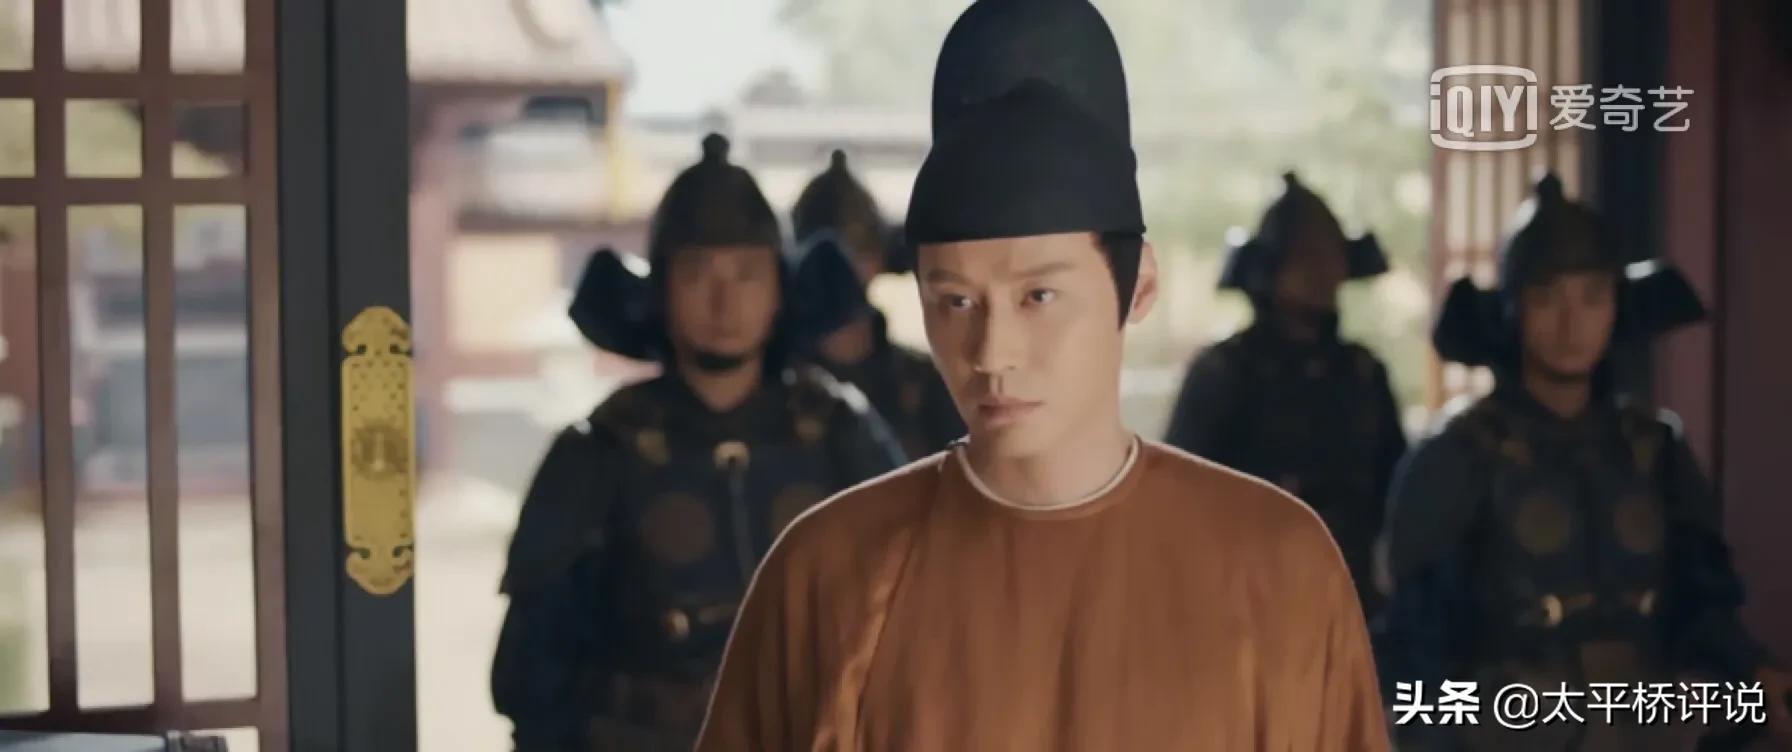 骊歌行:三大败笔,强行洗白周王和颜妃,是圆满结局中的不圆满